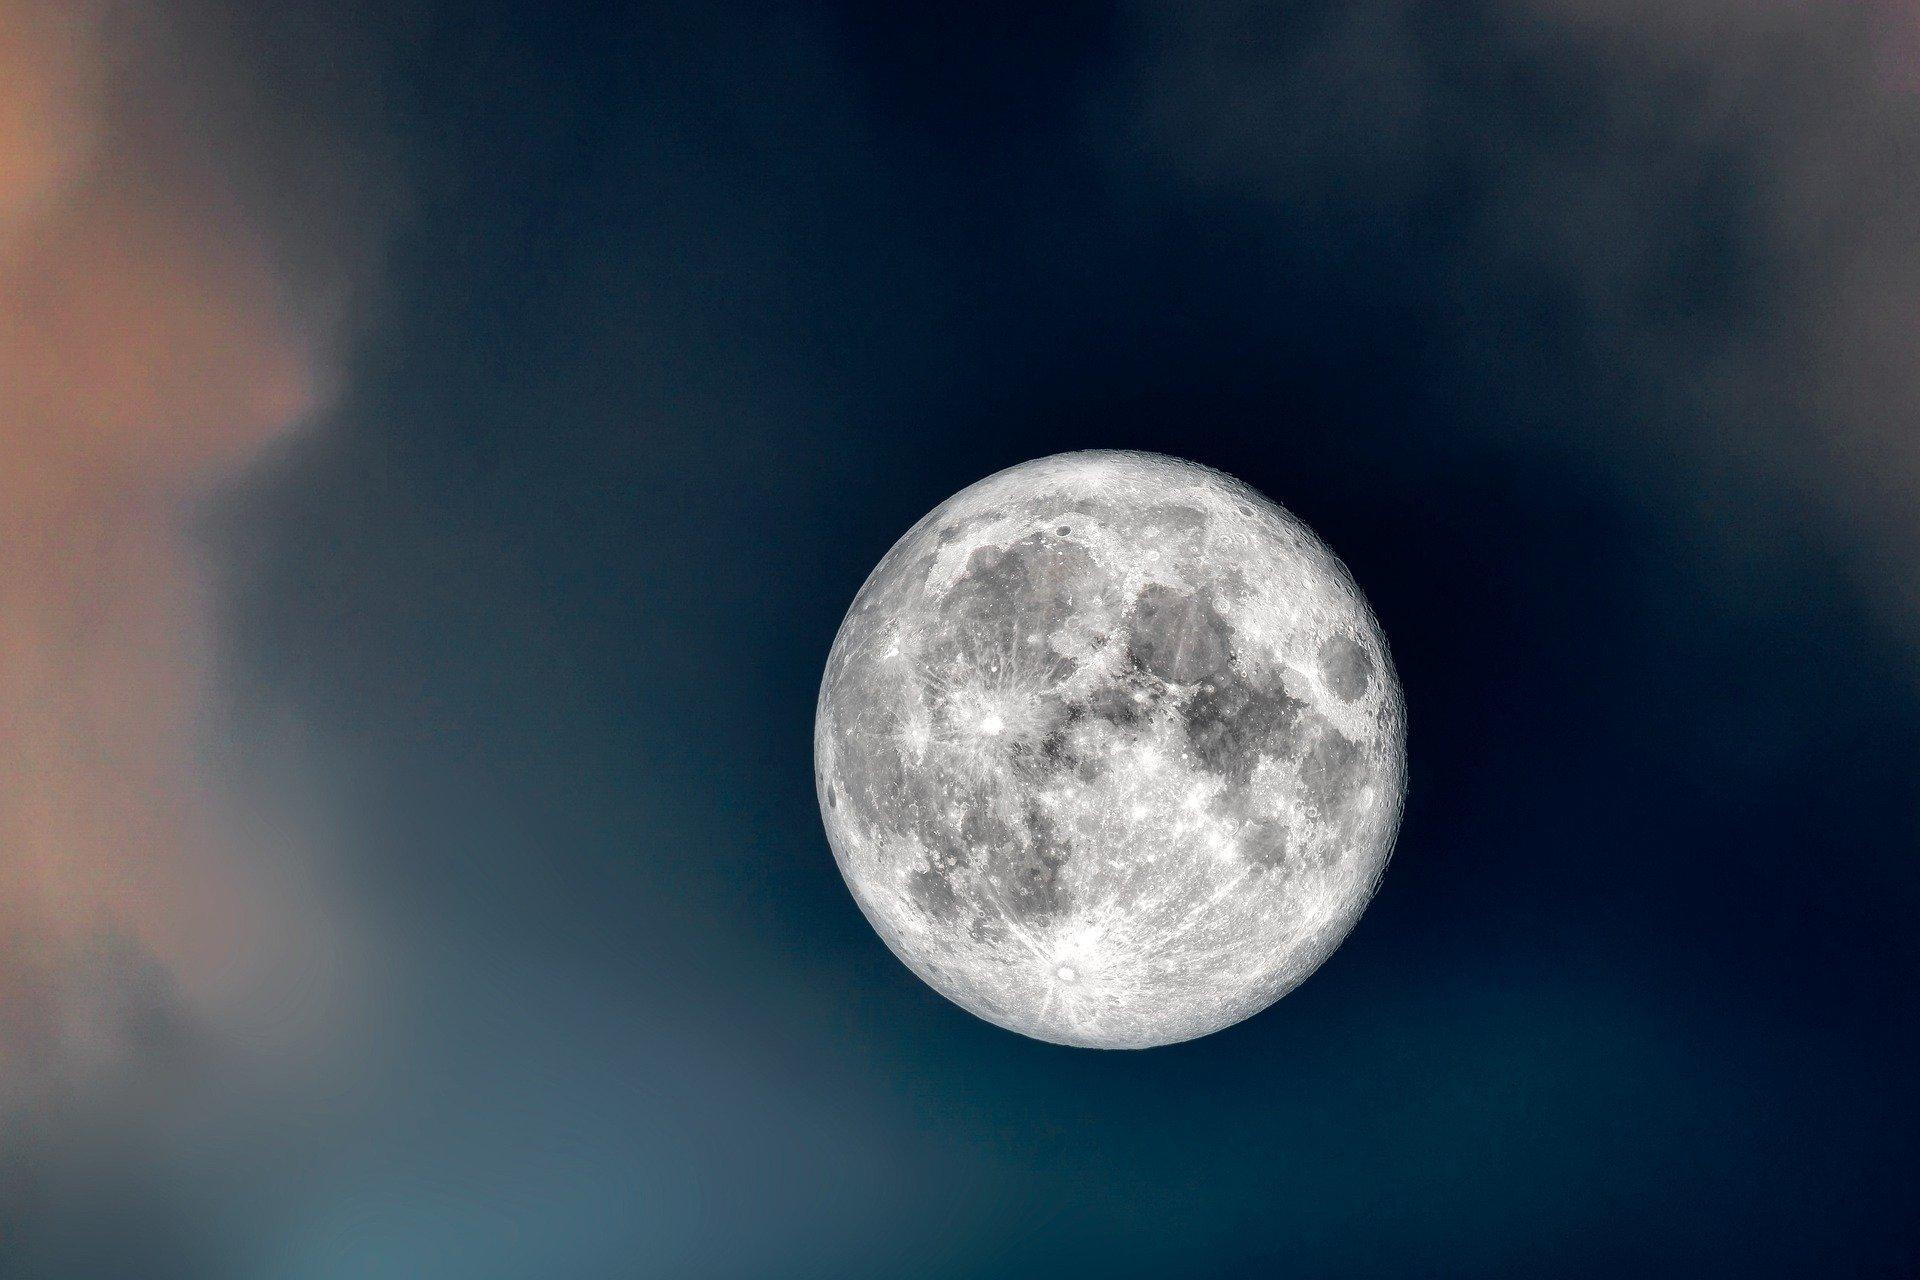 Réveils nocturnes et significations